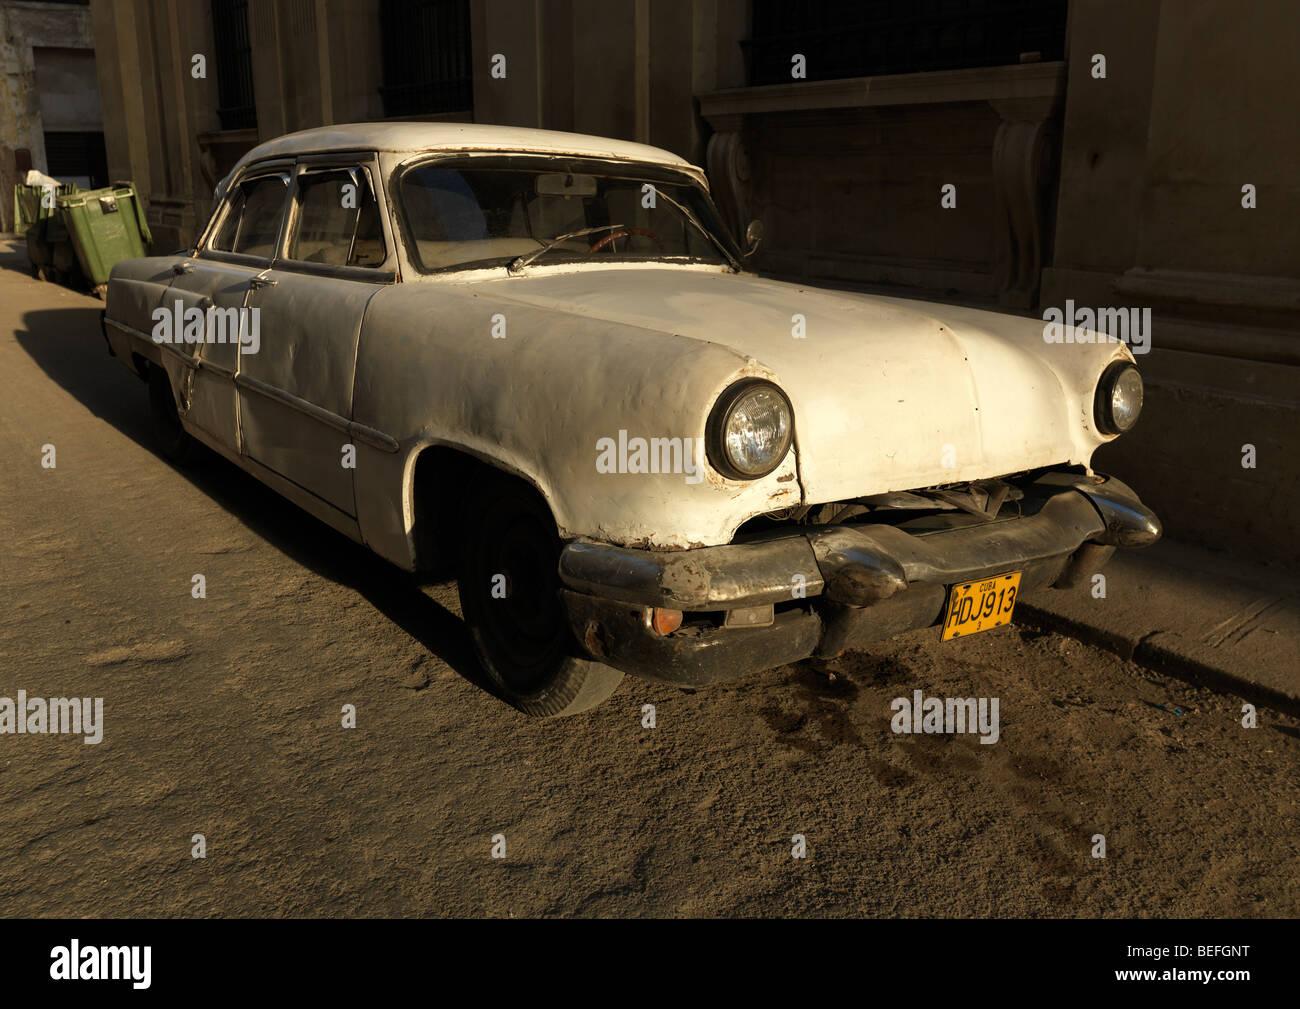 Une voiture historique américain blanc / Oldtimer à La Havane, Cuba, en photo le 1 mars 2009. Banque D'Images